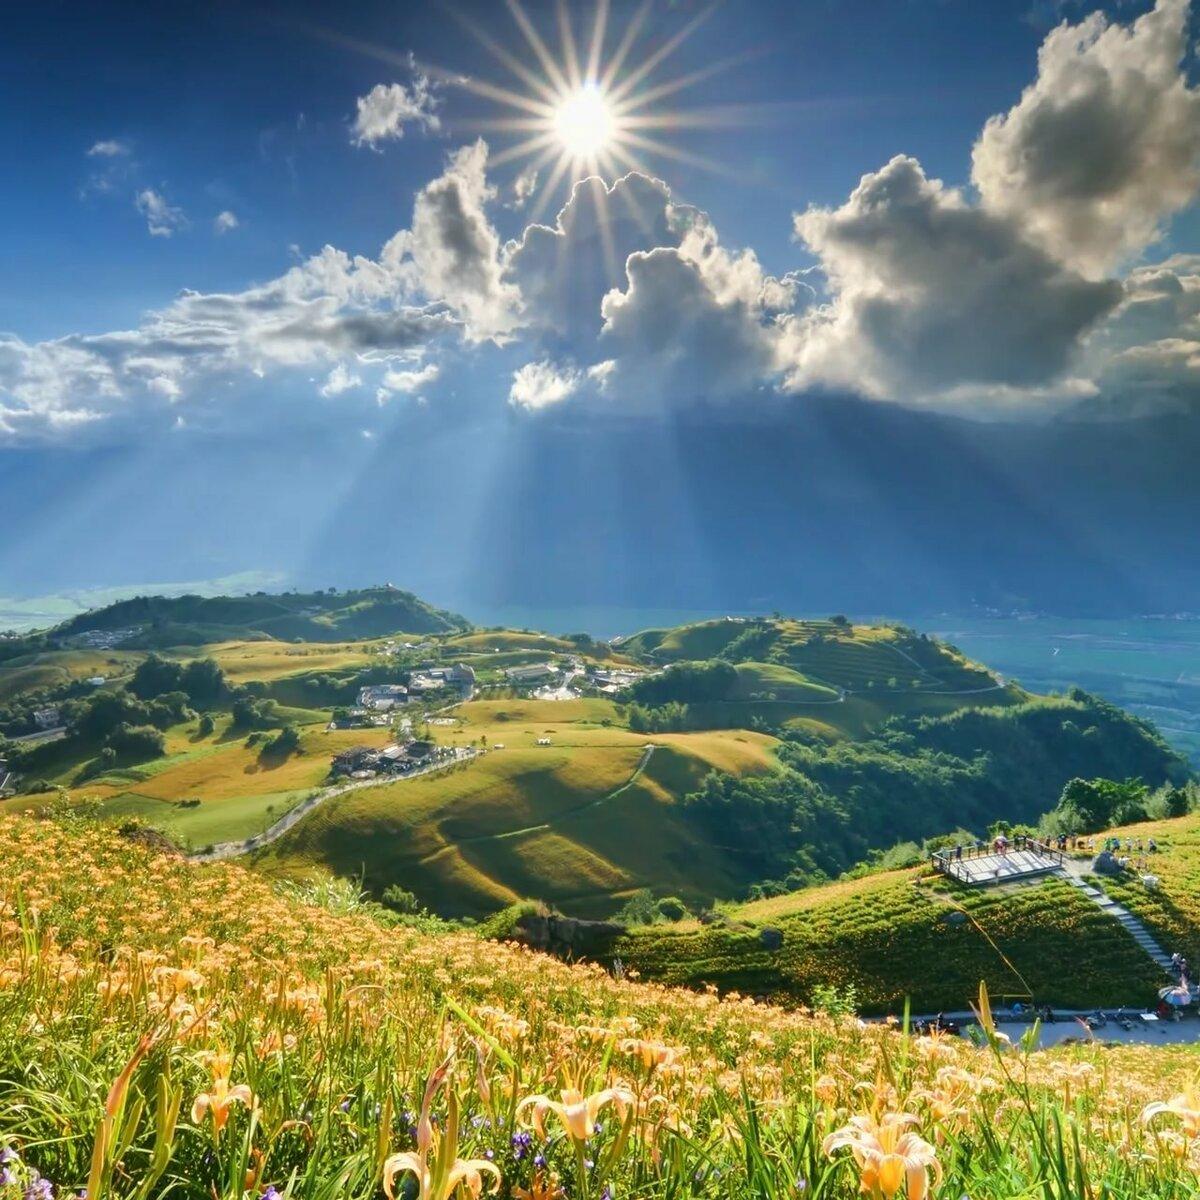 организации красивые картинки солнца в горах службы коммунальной, твой